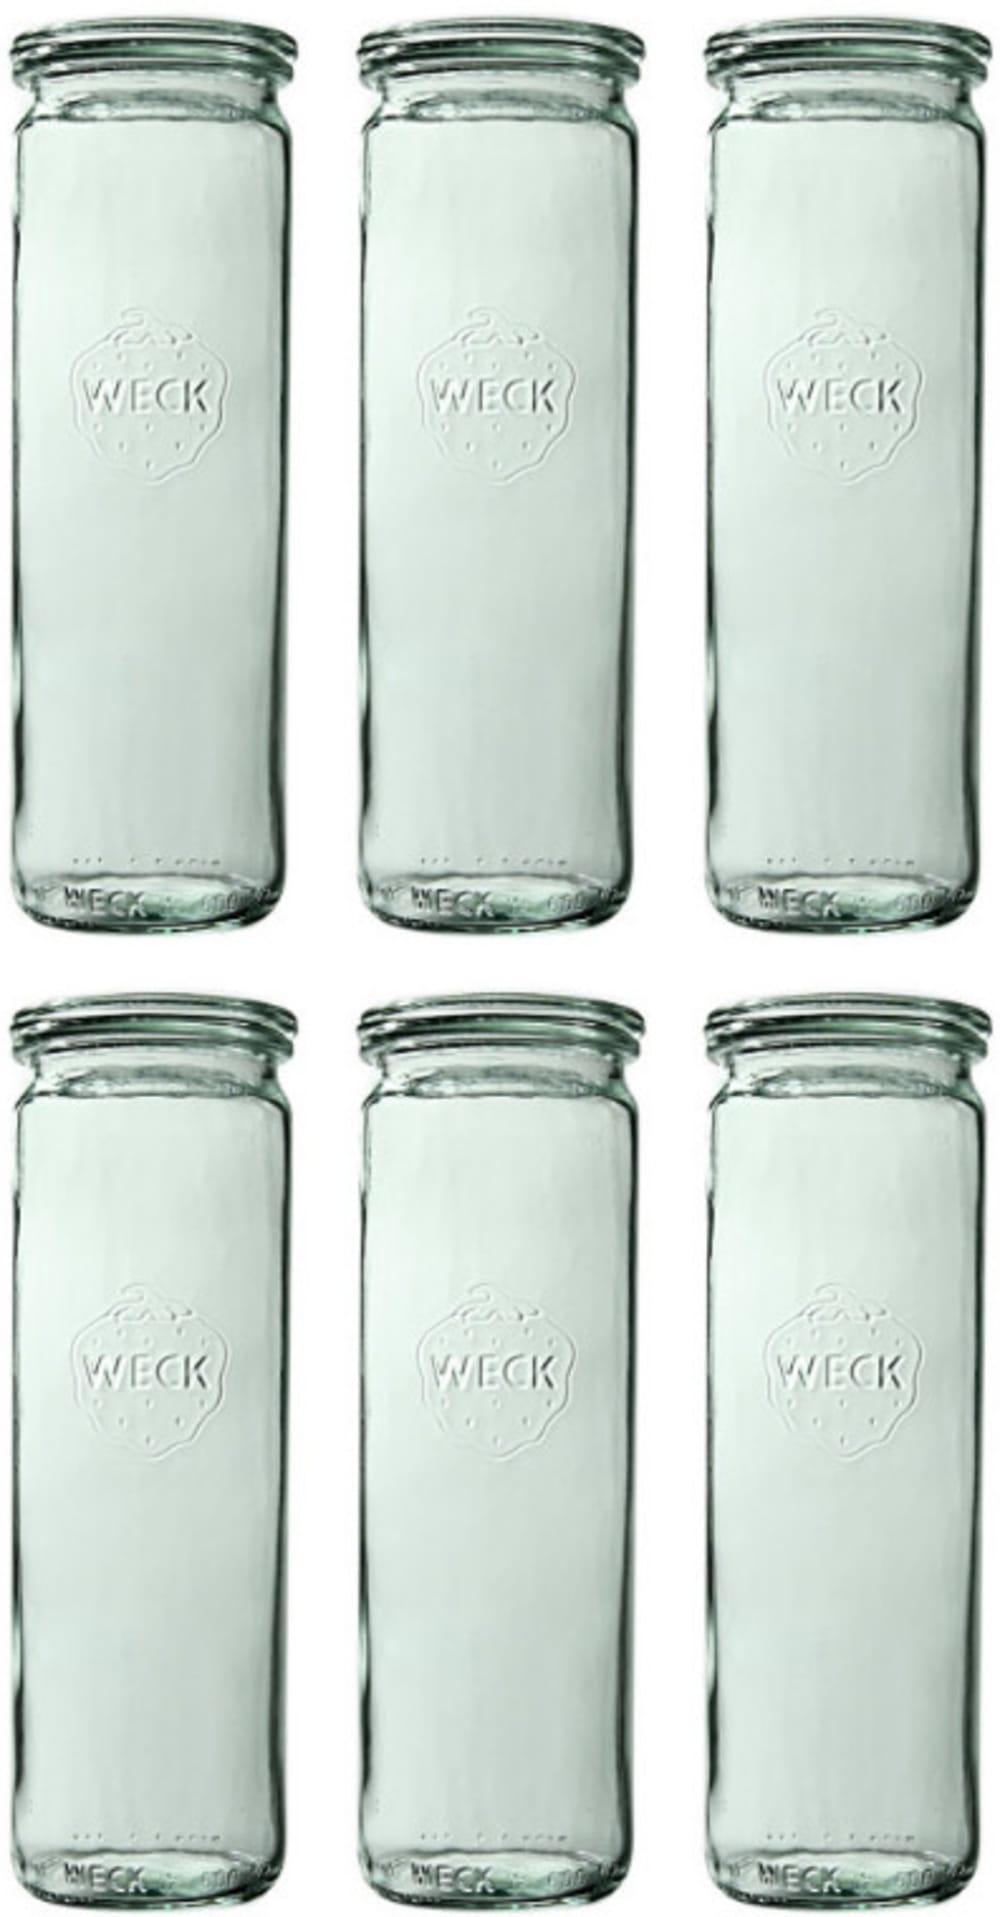 Słoik cylindryczny bez pokrywki 600 ml WECK op. 6 szt.